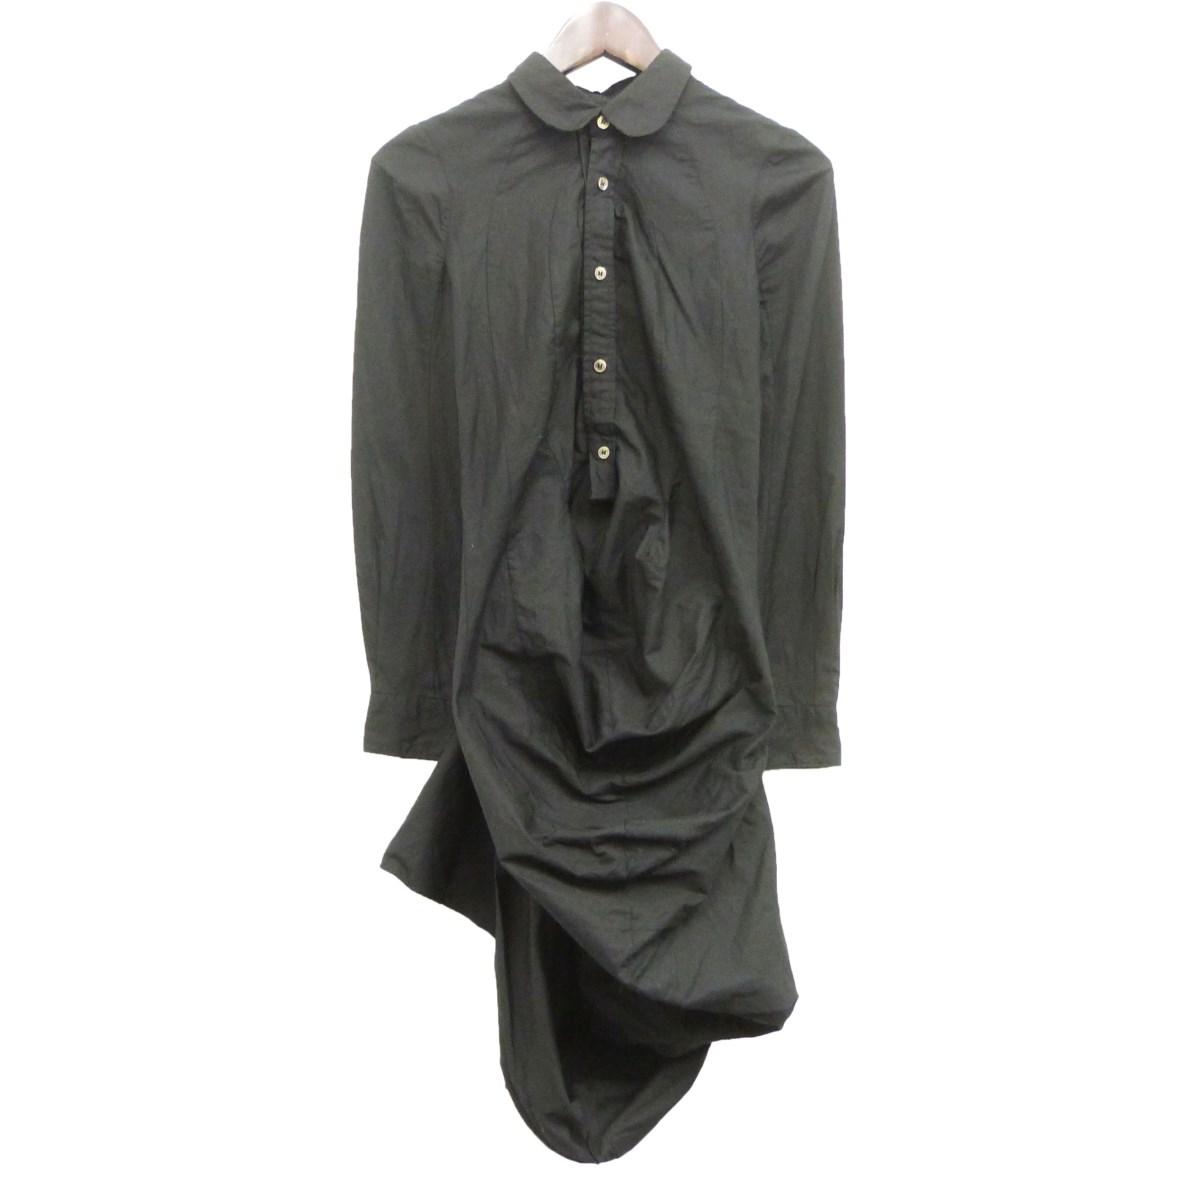 【中古】JUNYA WATANABE CdG 10SSシャツワンピース ブラック サイズ:S 【210220】(ジュンヤワタナベコムデギャルソン)